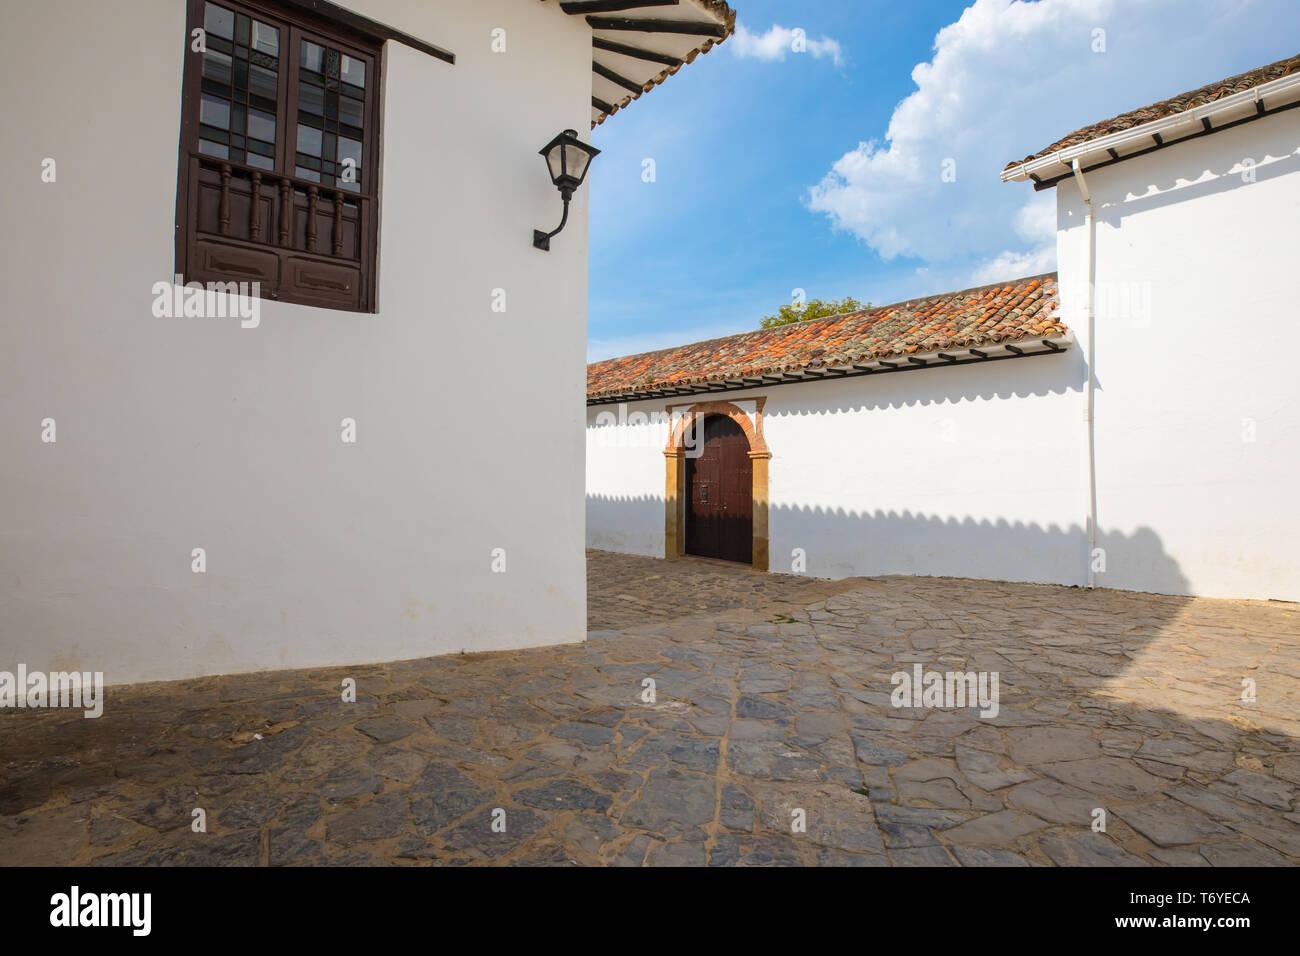 typical colonial buildings in Villa de Leyva Stock Photo